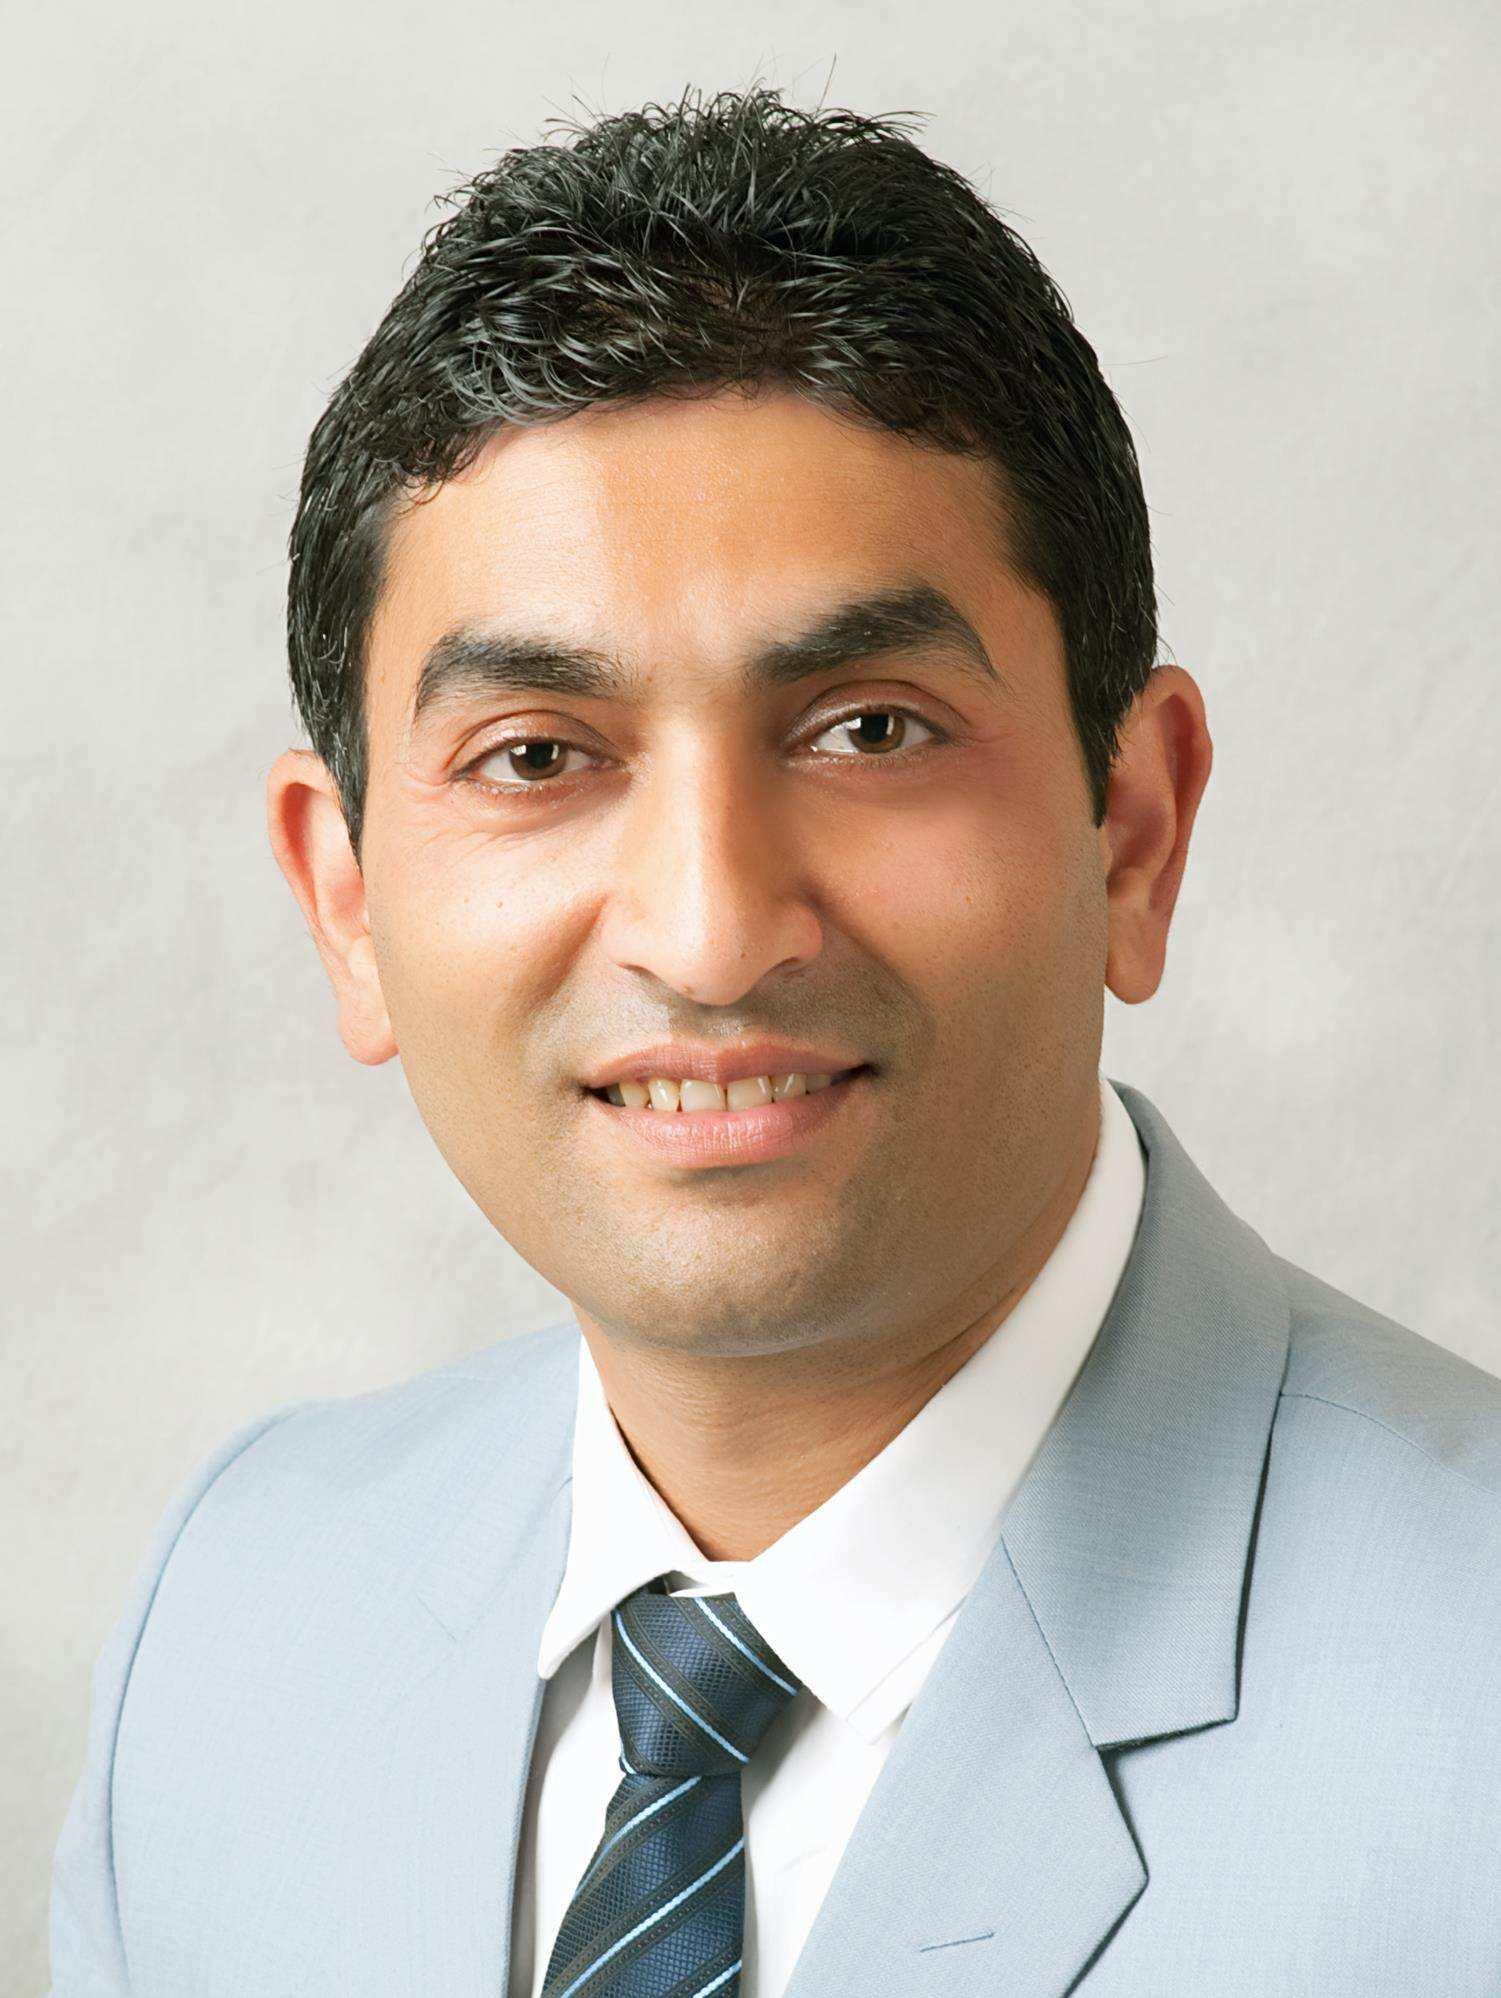 Amish Patel